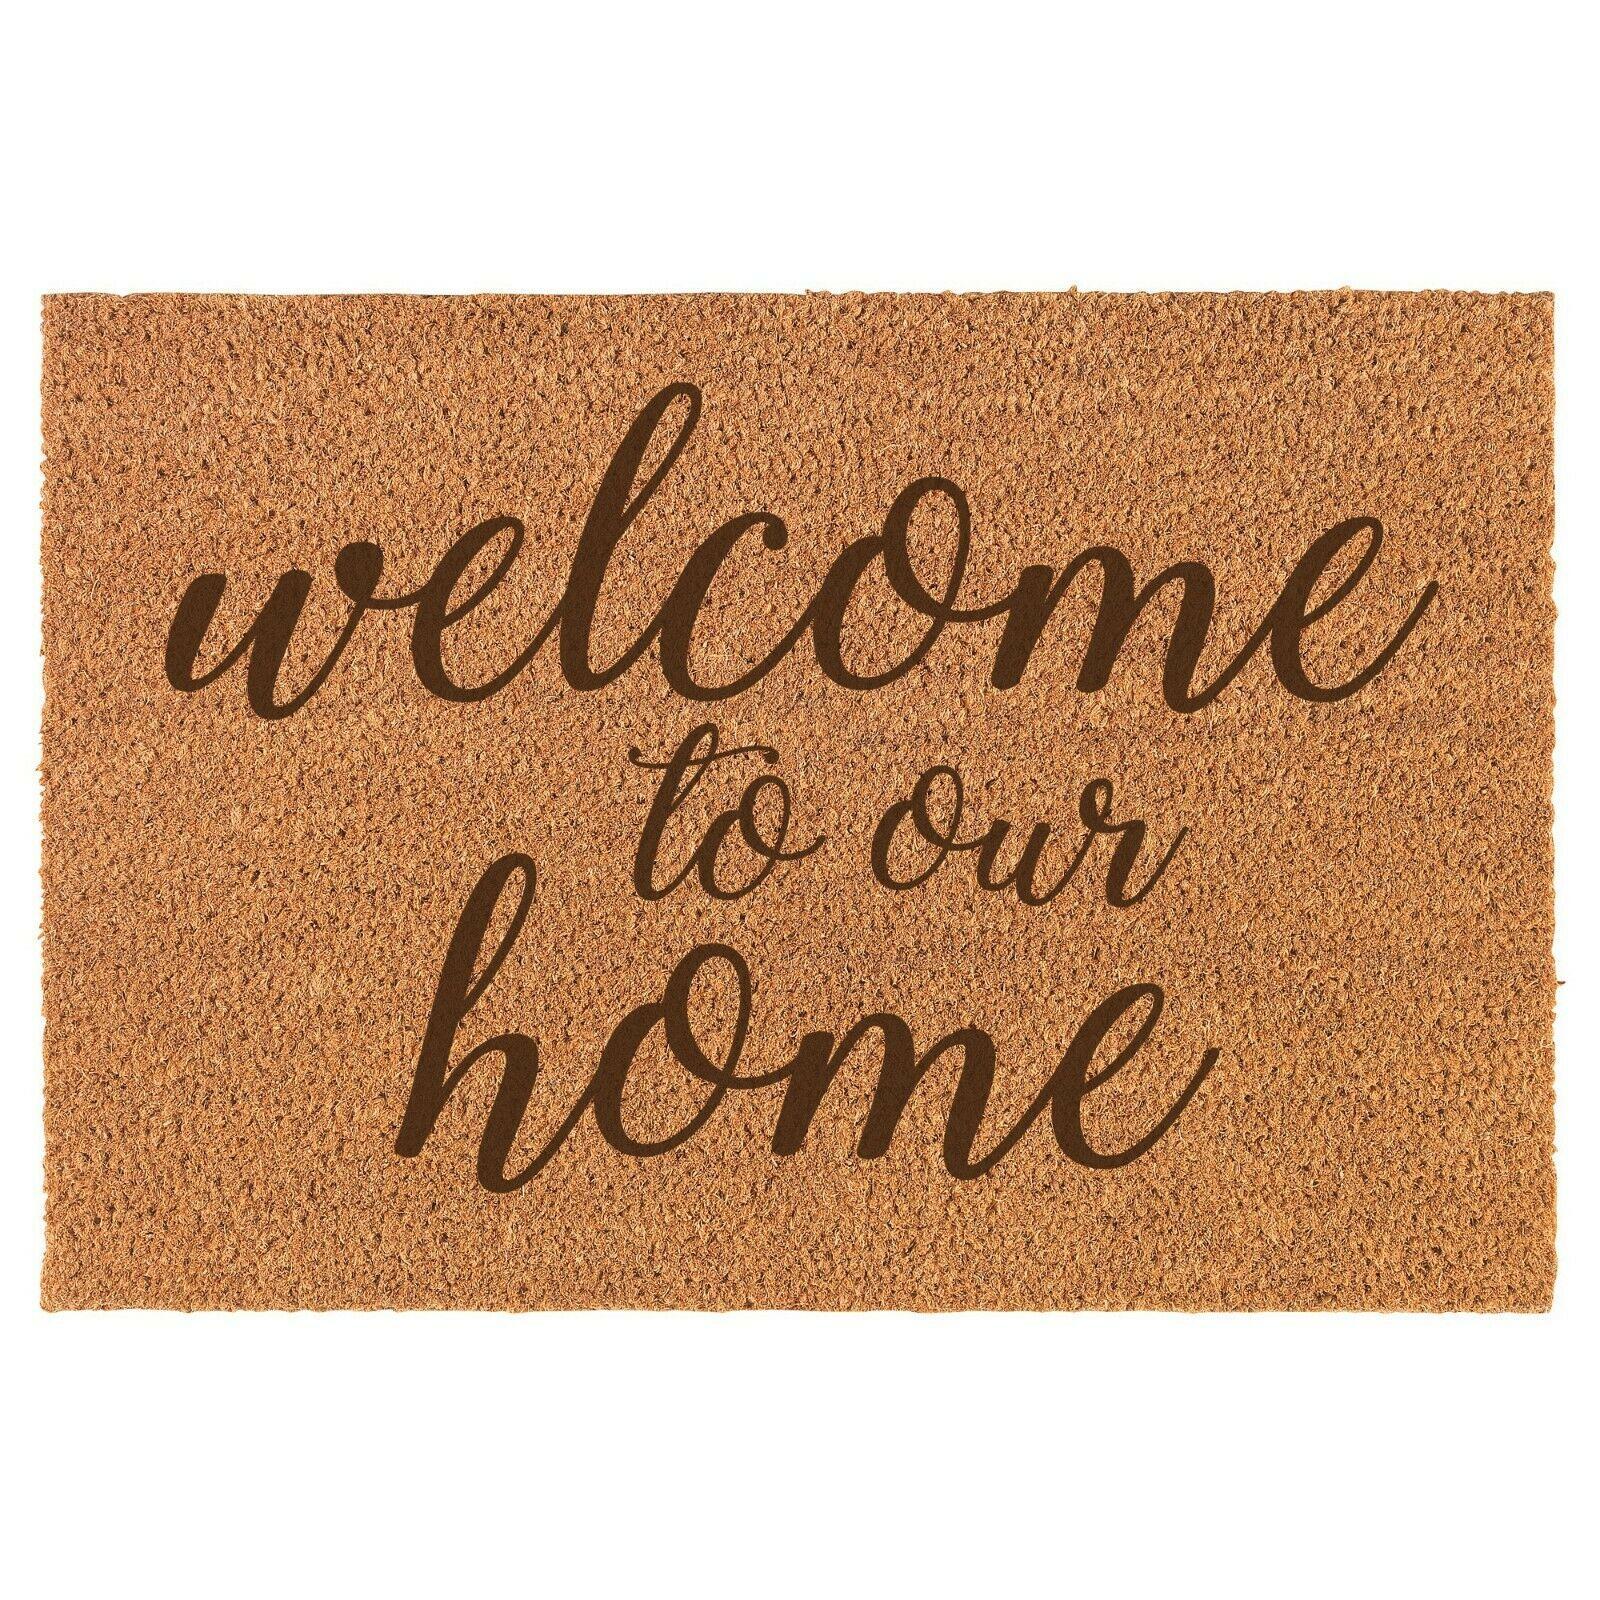 Details About Coir Door Mat Entry Doormat Welcome To Our Home In 2020 Coir Doormat Door Mat House Warming Gifts